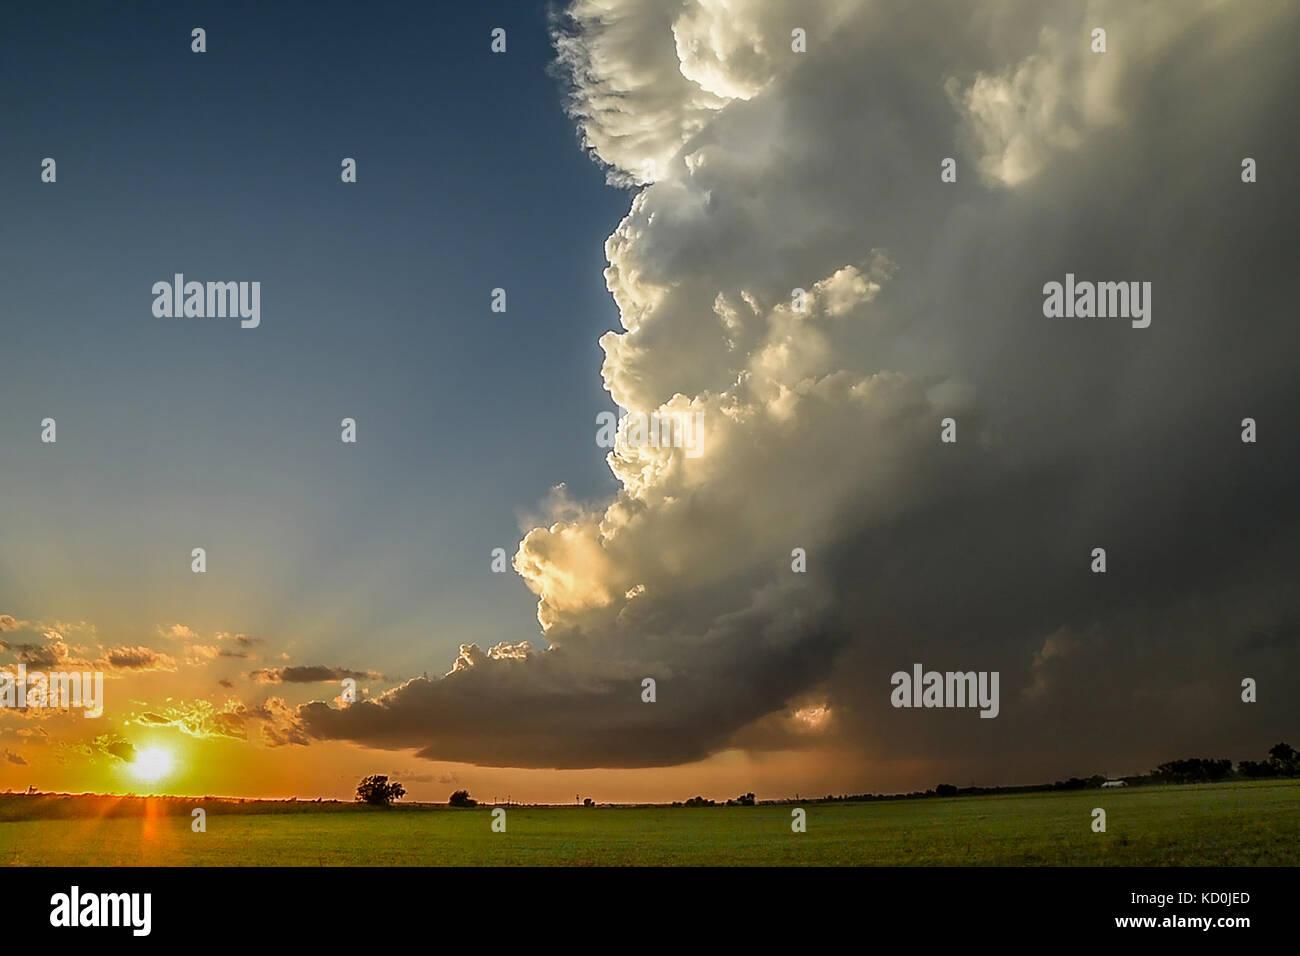 Geringer Niederschlag supercell würdevoll Spirale wie die Sonne am Horizont, Chickasha, Oklahoma, USA Stockbild